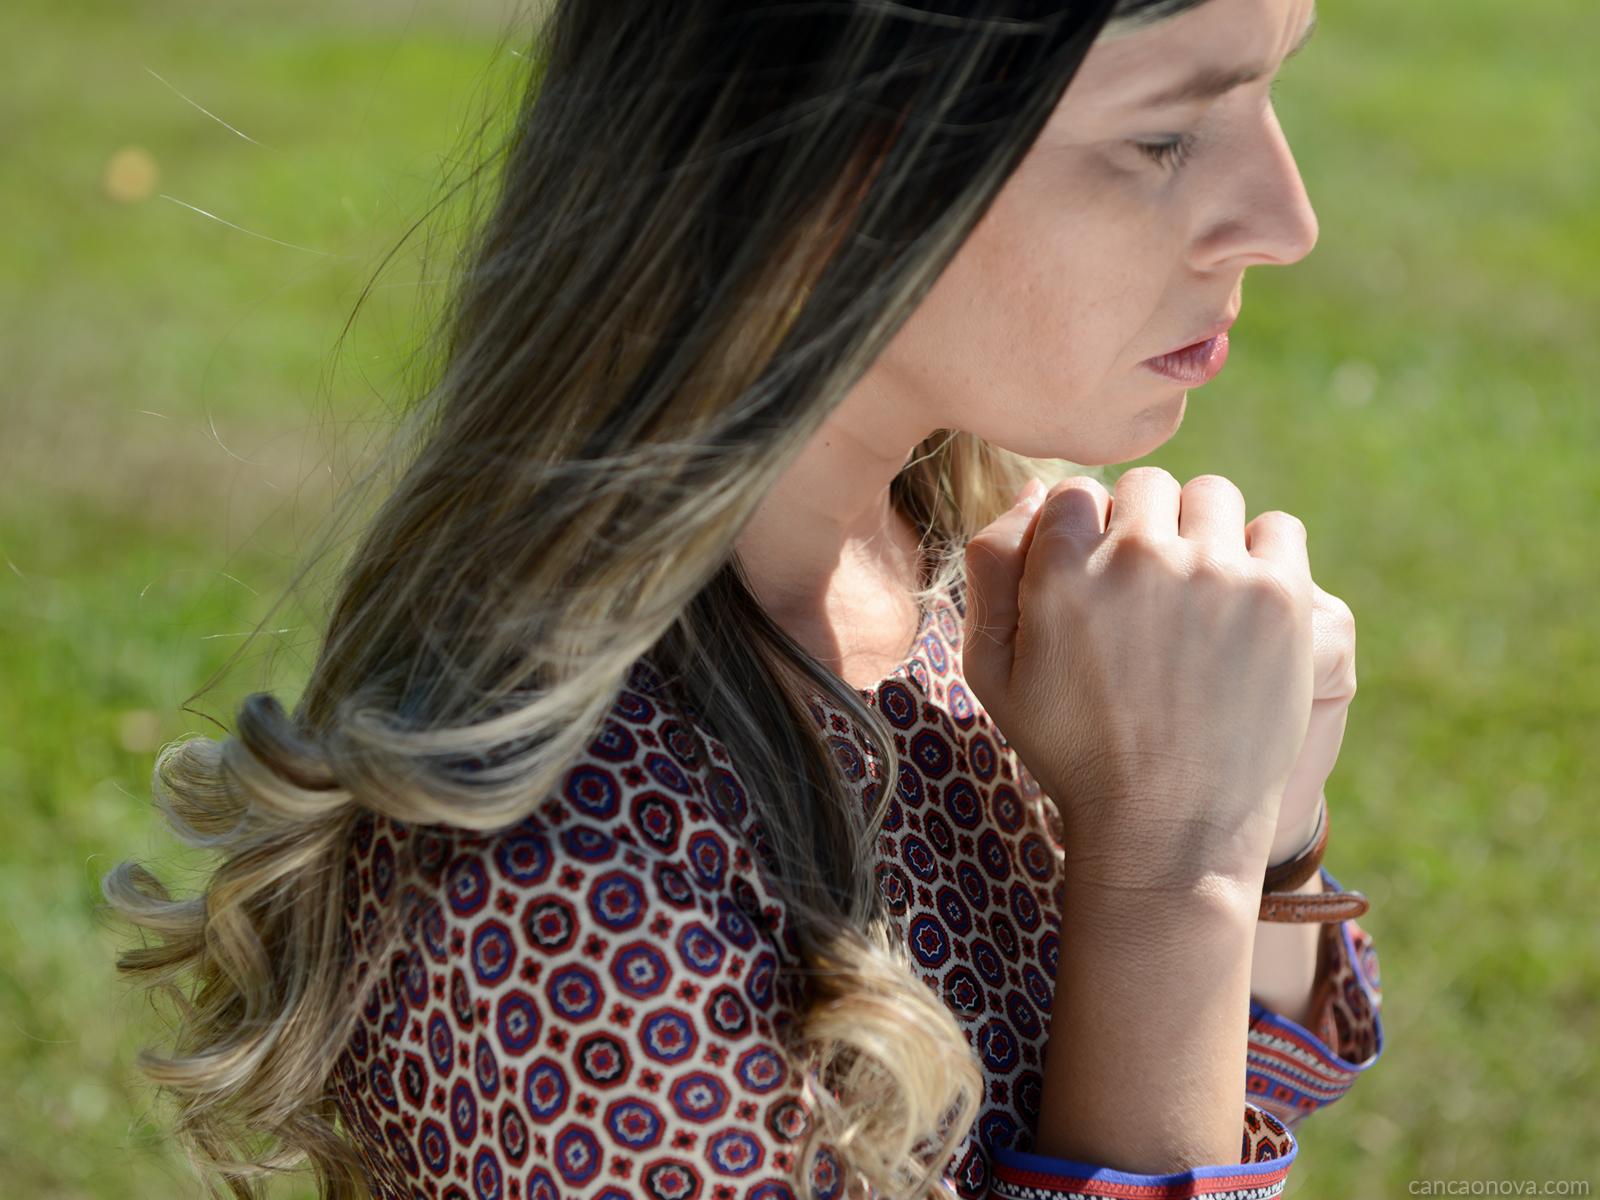 Amar a Deus é uma forma de oração